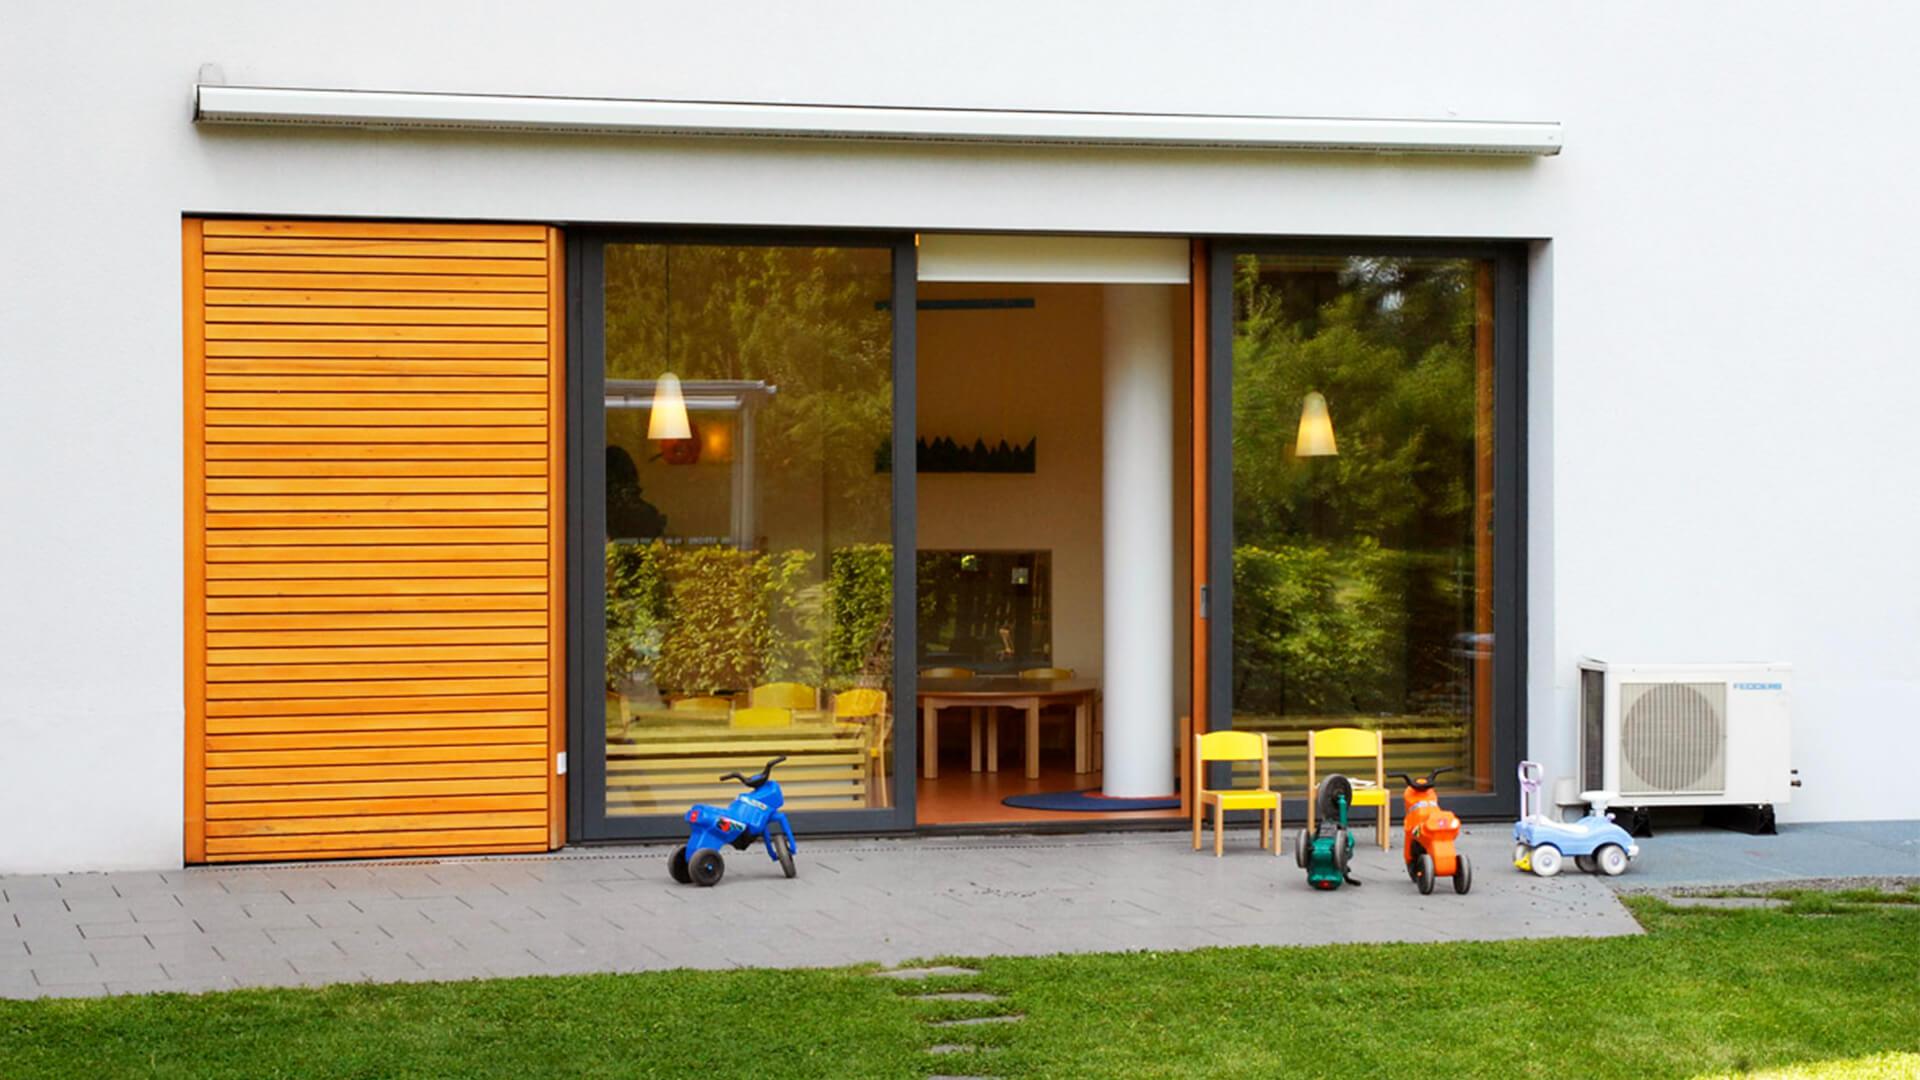 Terrasse des Betriebskindergarten in Köln - mit Bobbycars und Wiese